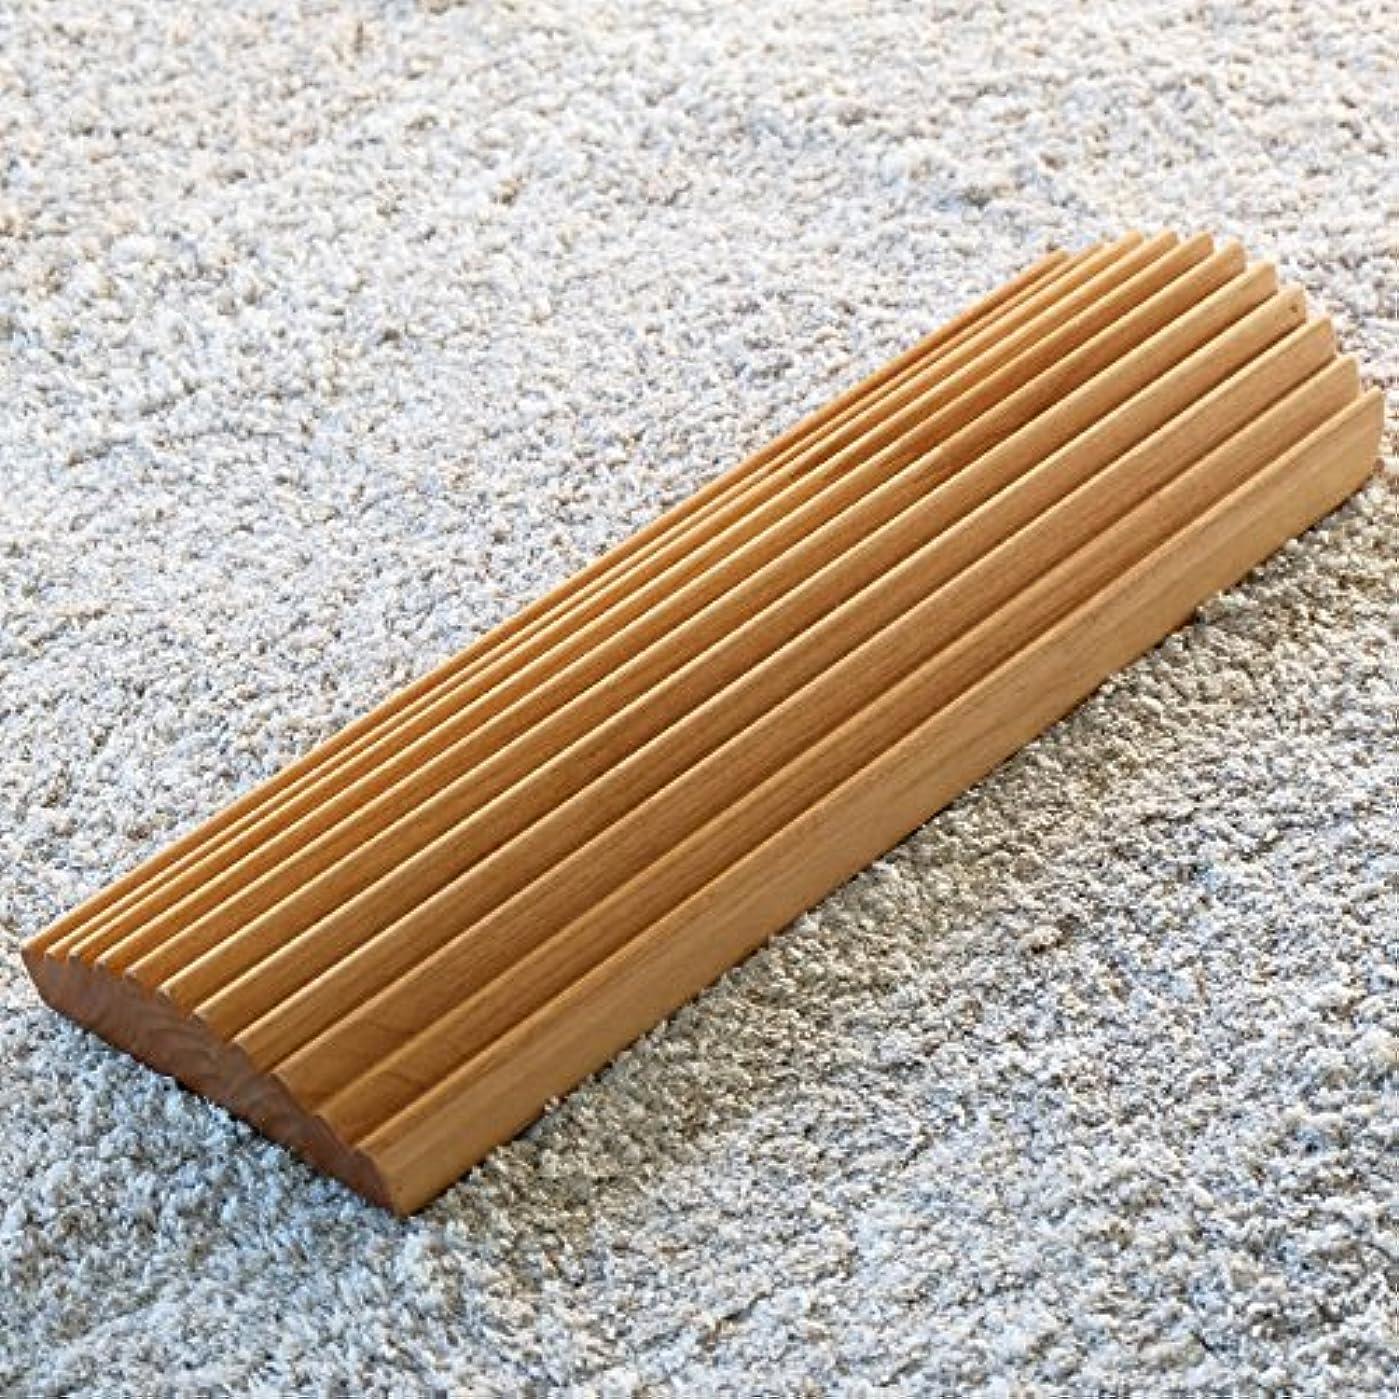 軸効果色ISSEIKI 足踏み アルダー材 幅40cm FIT ASIFUMI 40 (NA) フットケア 木製 おしゃれ プレゼント 指圧代用 FIT ASIFUMI 40 (AL-NA)